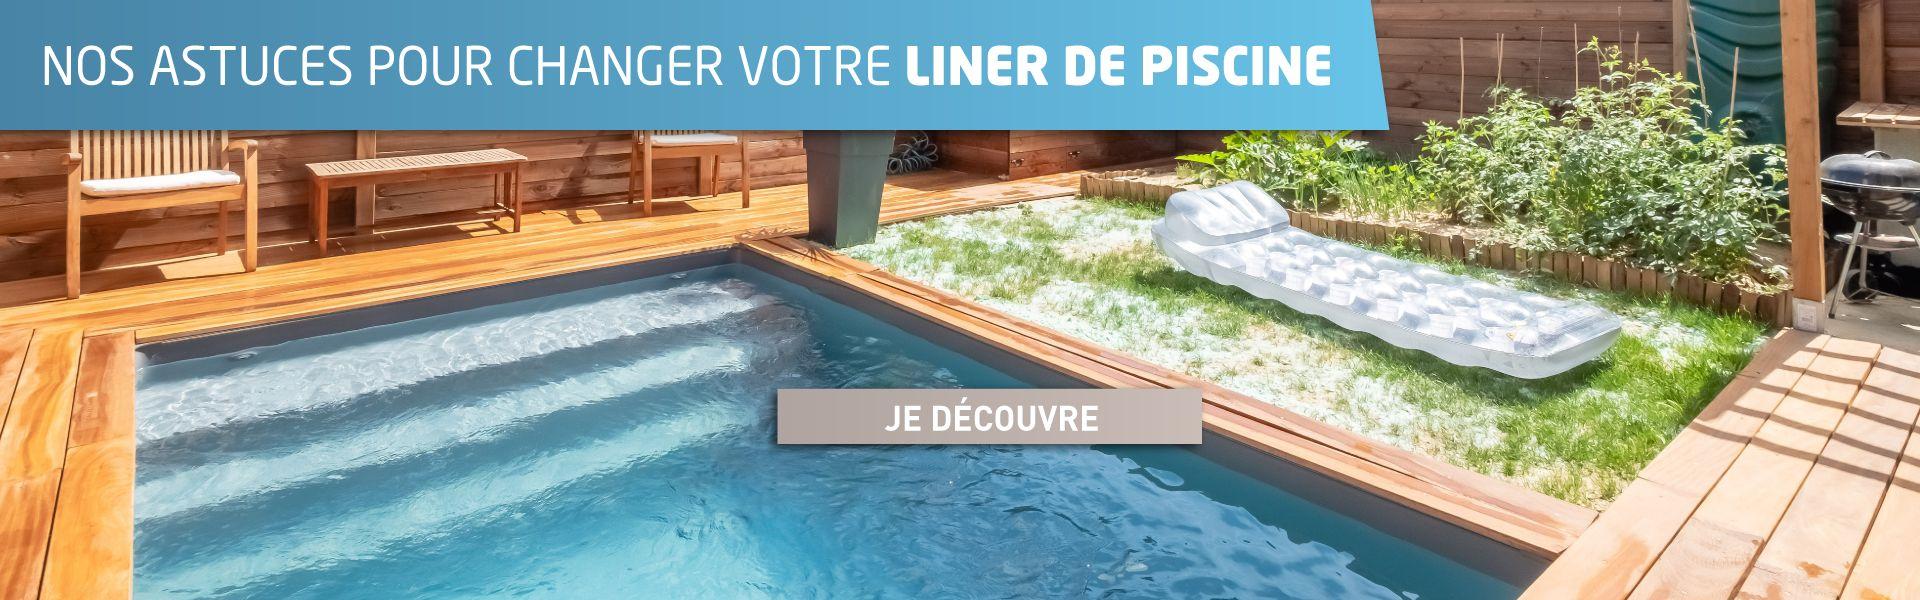 Cash Piscines - Tout Pour La Piscine & Spas Gonflables ... encequiconcerne Cash Piscine Saint Jean D Illac